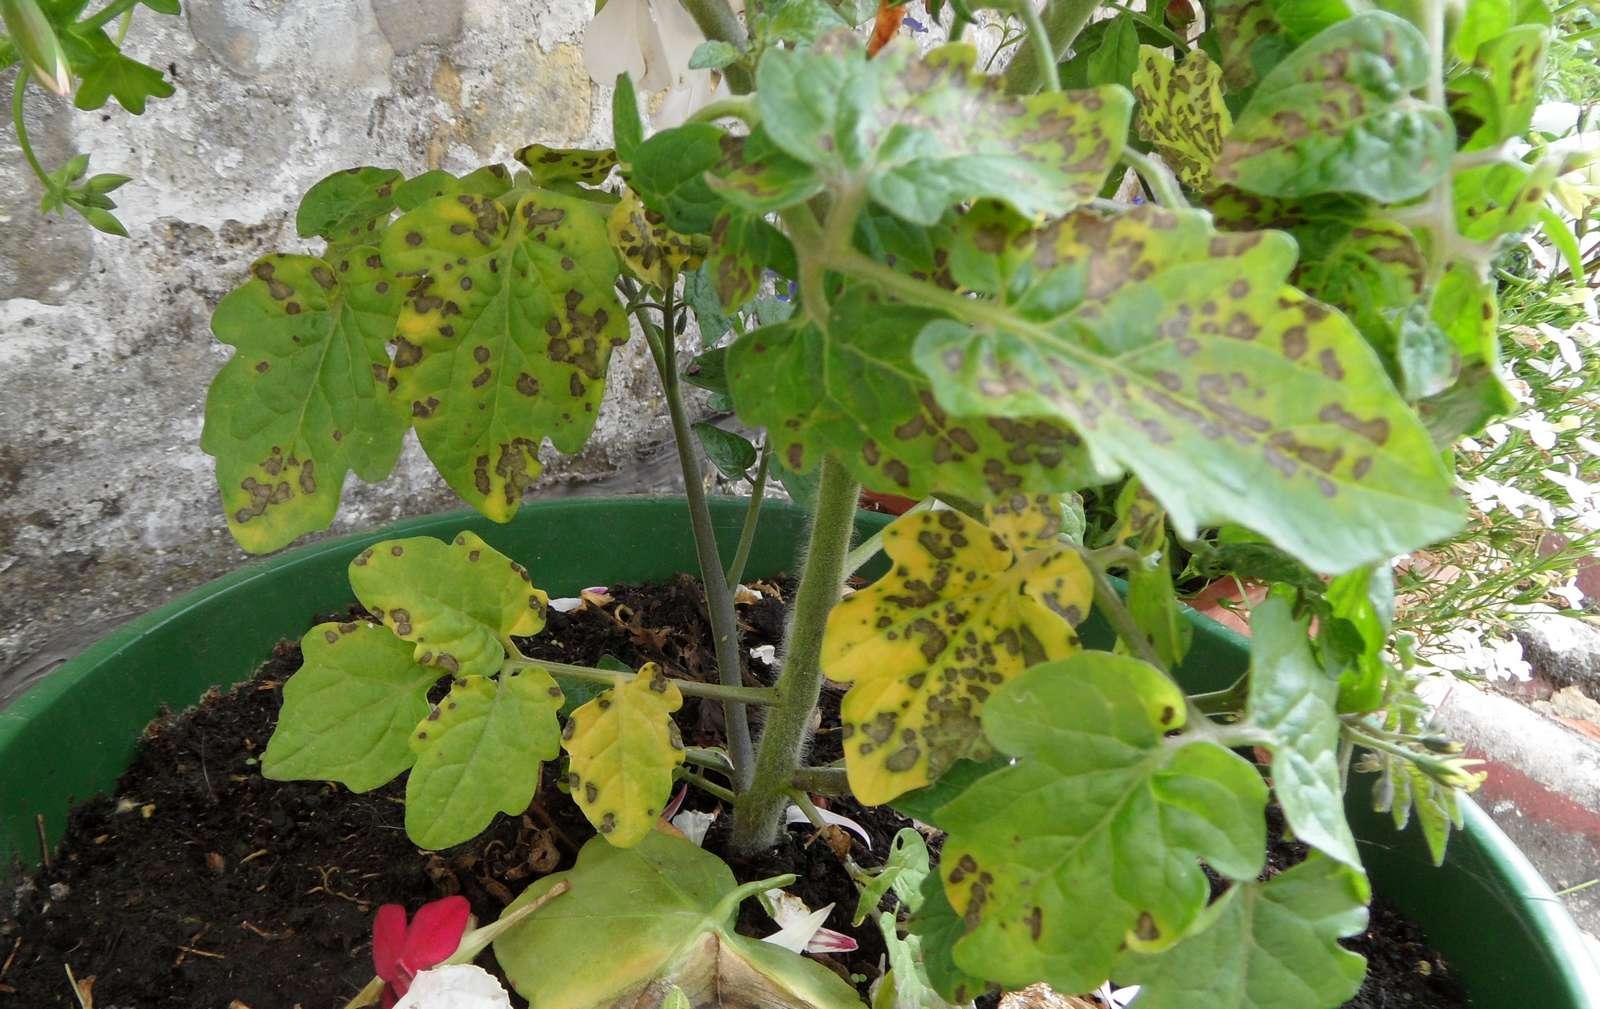 Maladies insectes et nuisances des tomates diagnostic page 18 au jardin forum de jardinage - Distance entre pied de tomate ...